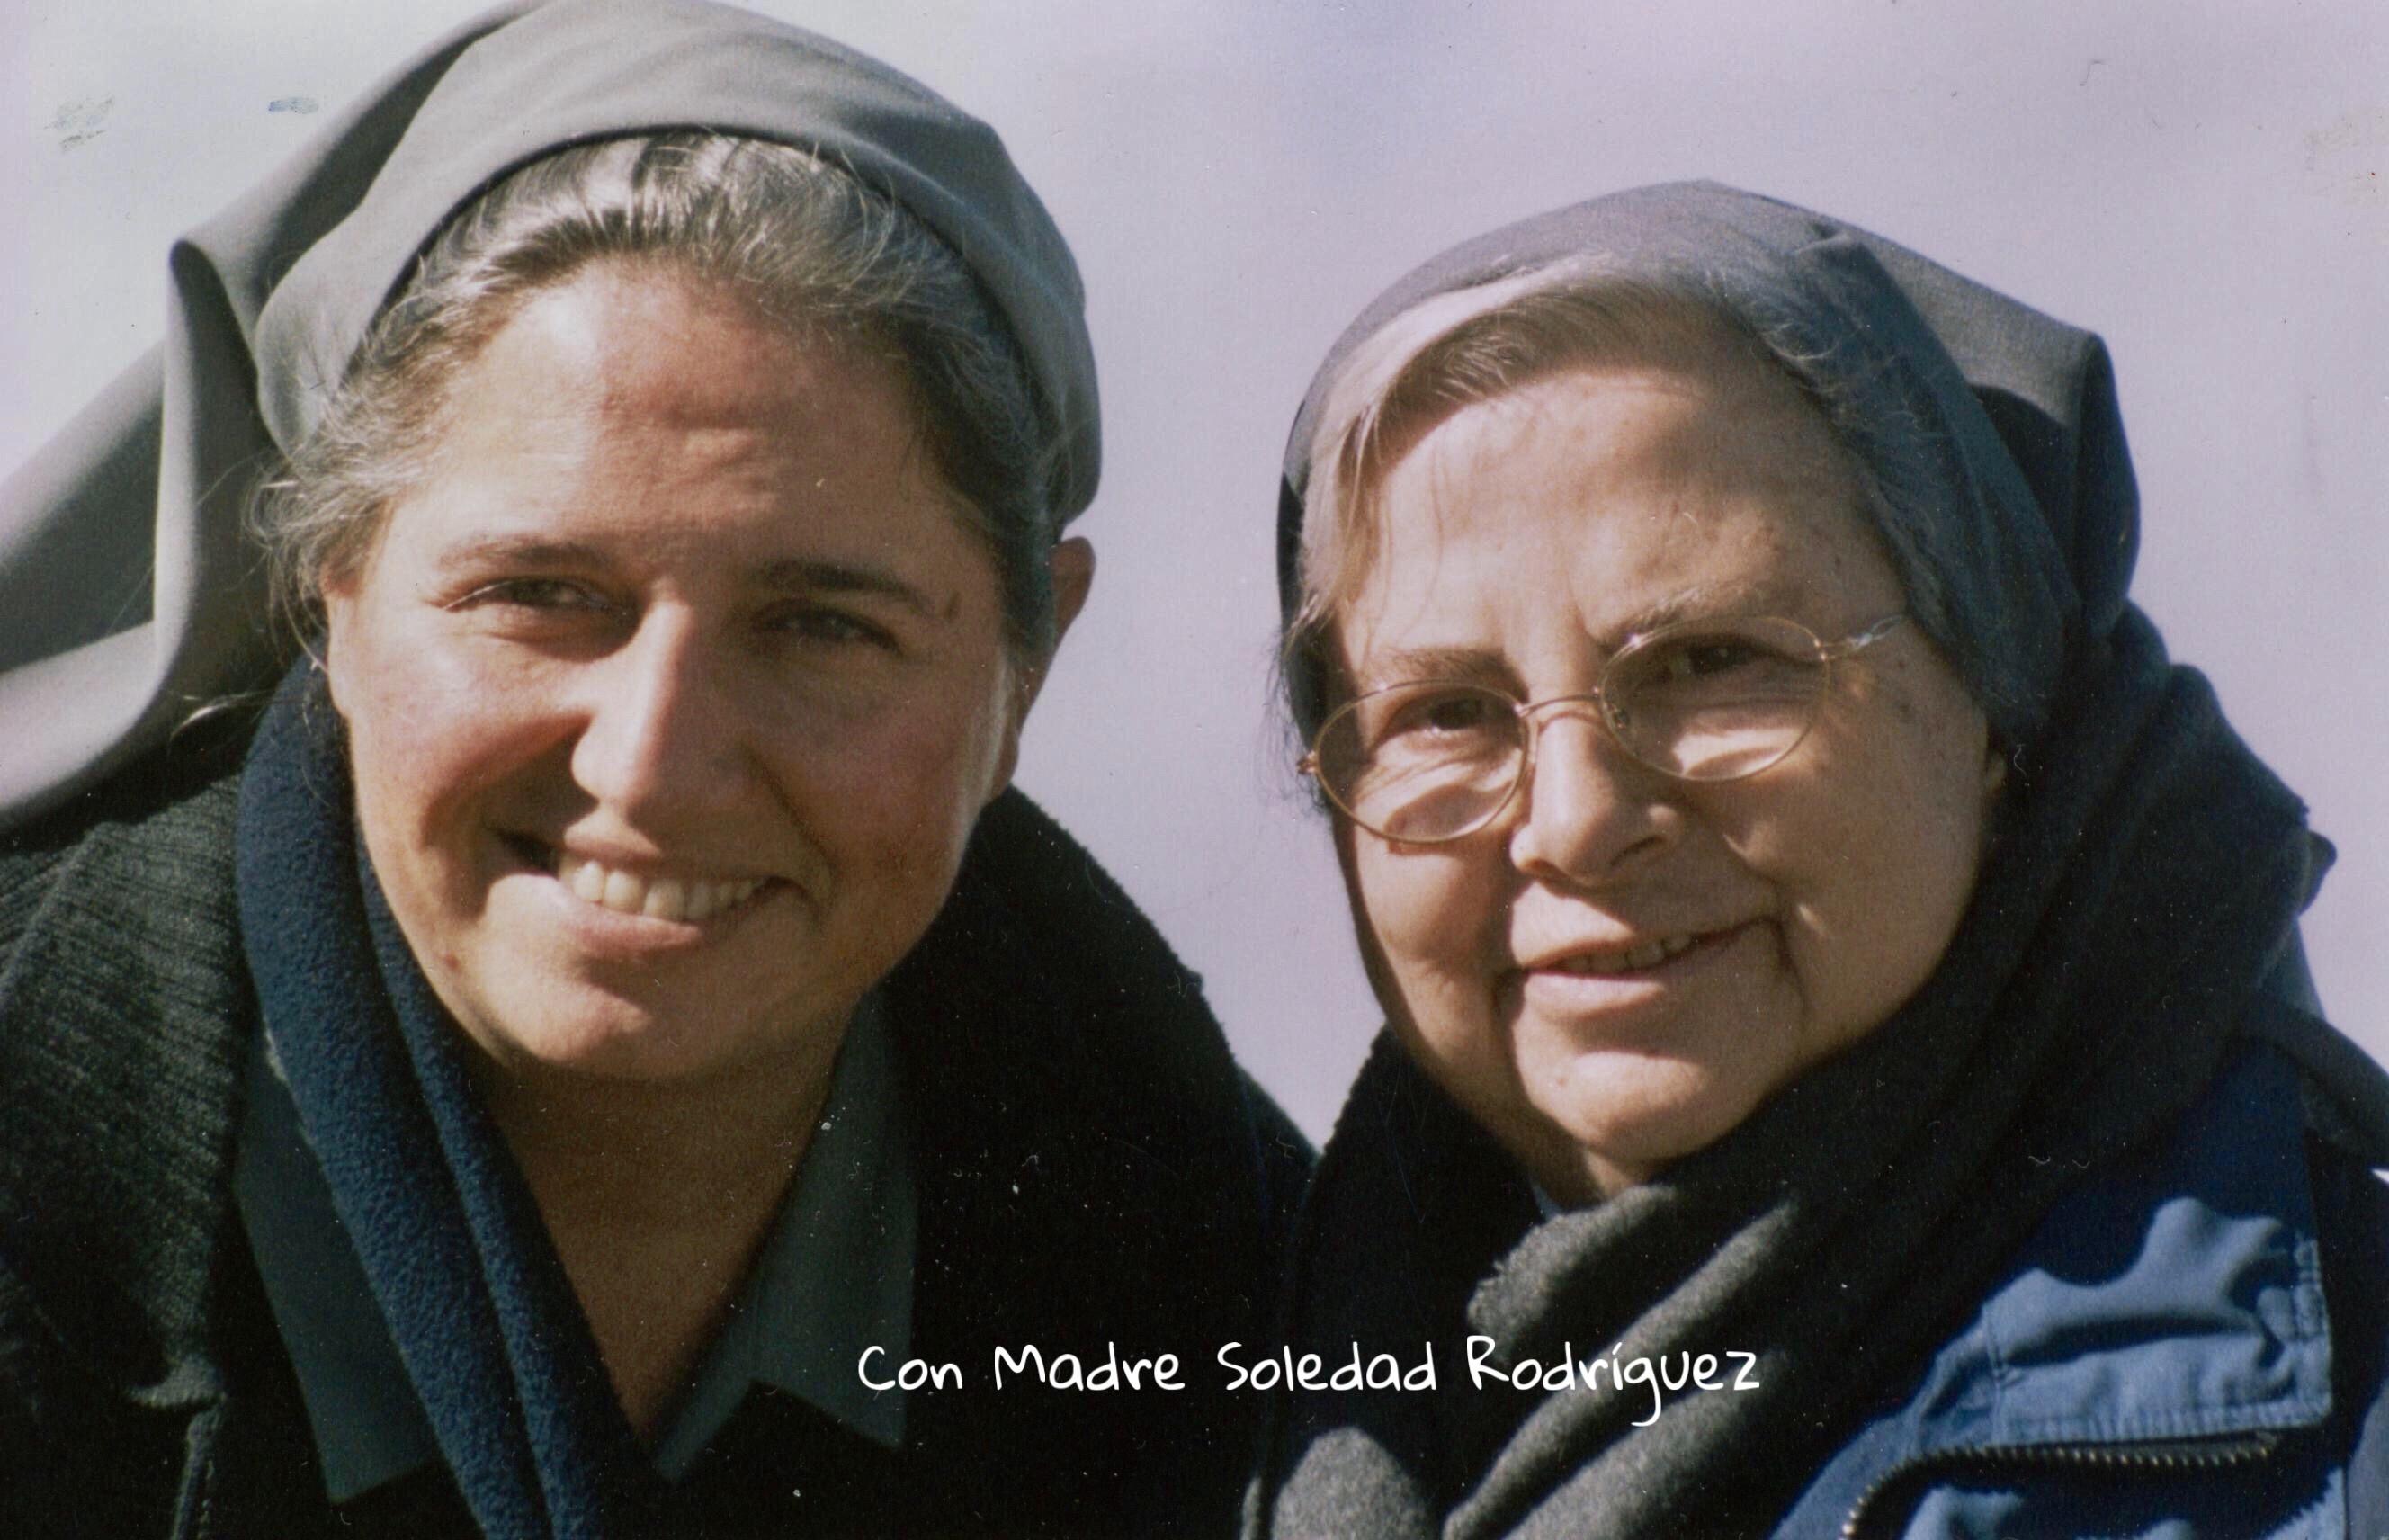 Con Madre Soledad Rodríguez